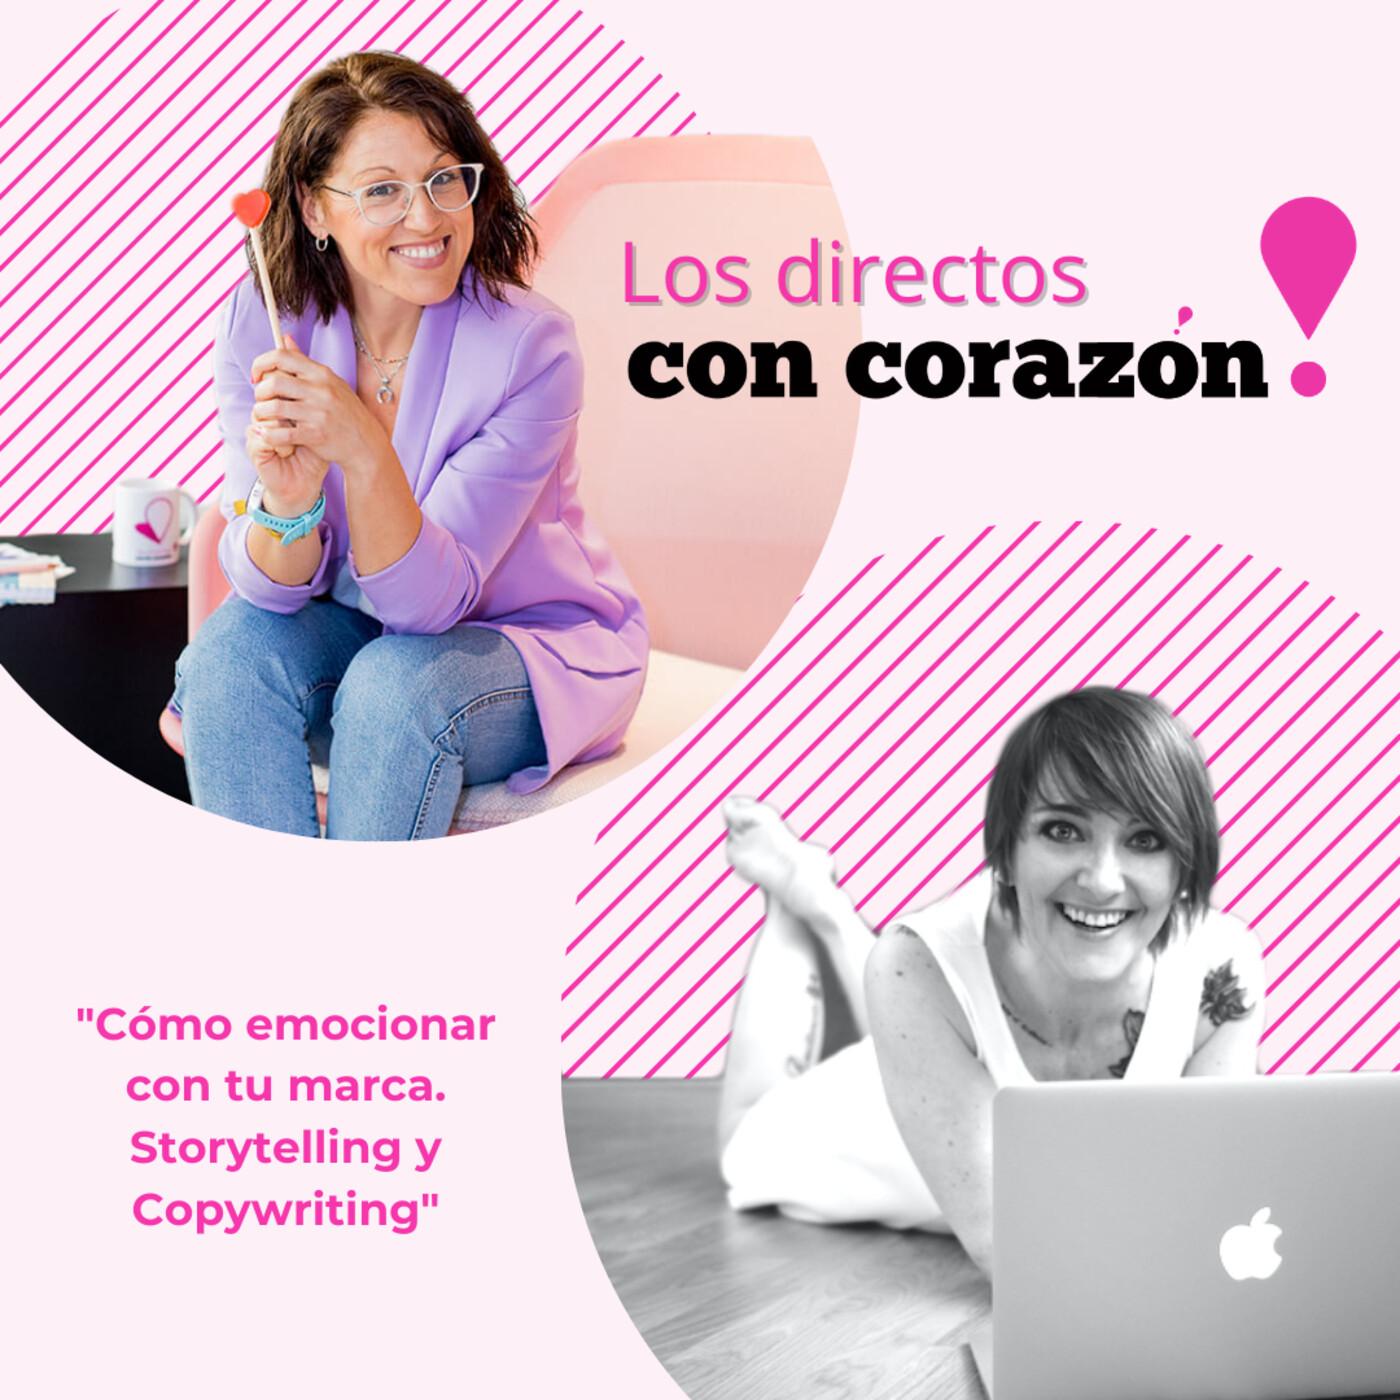 #045 Directos con Corazón | Cómo emocionar con tu marca, storytelling y marketing de contenidos